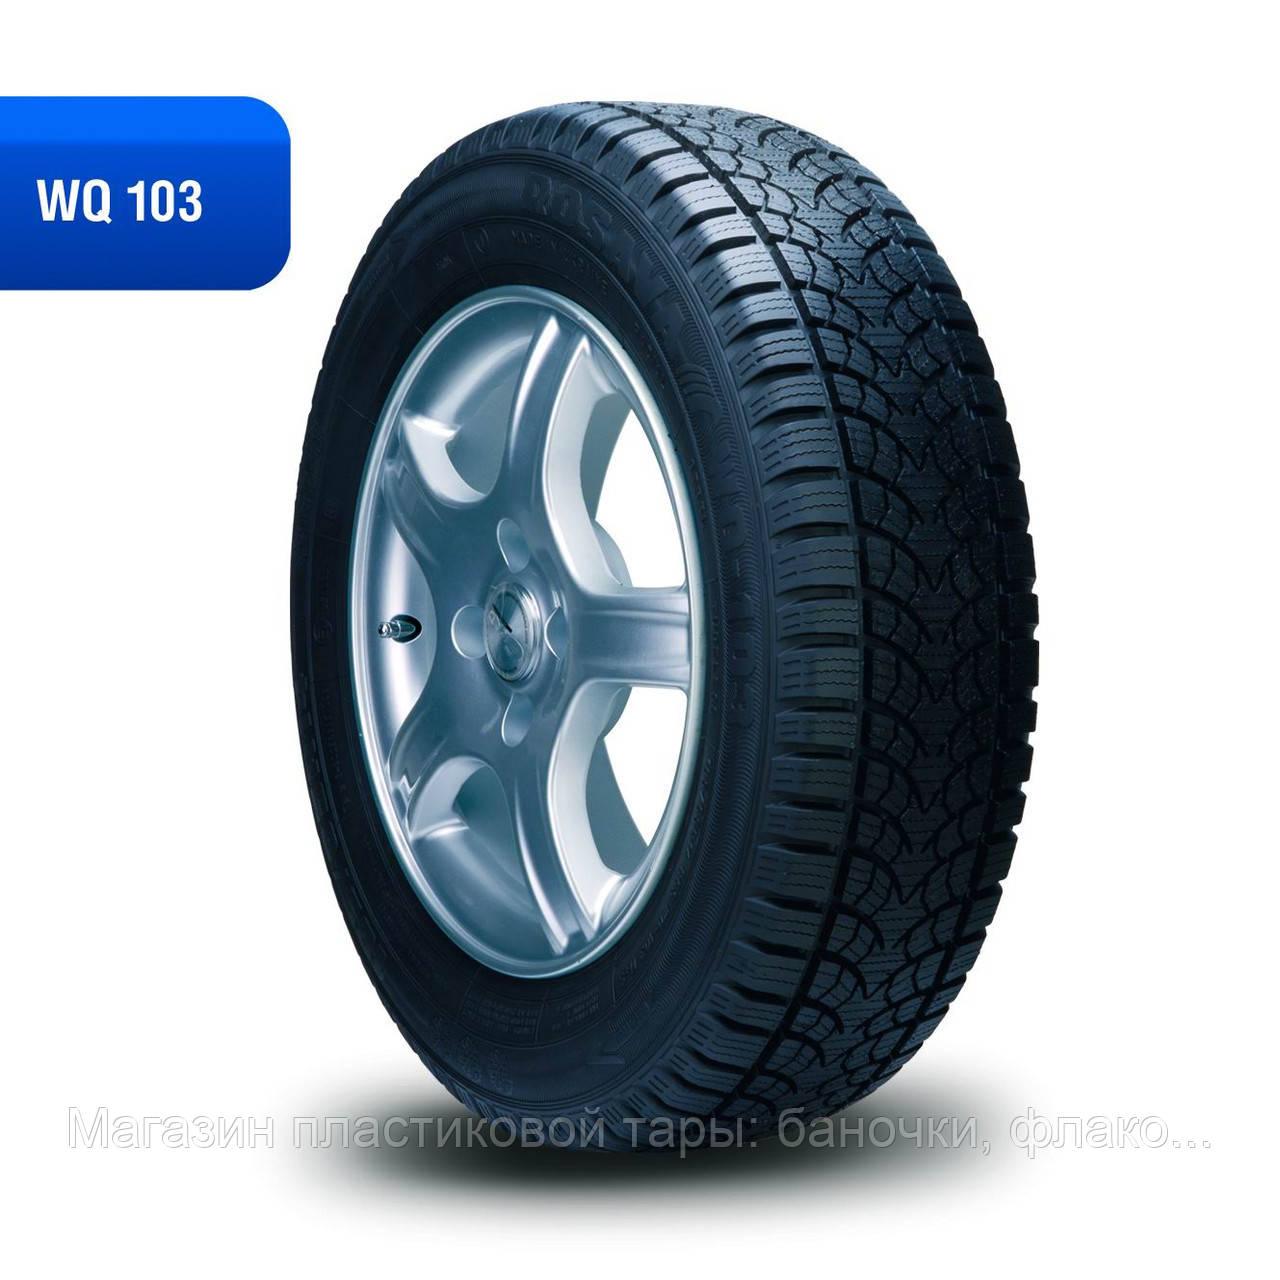 185/65R14 WQ-103 зимние шины Росава